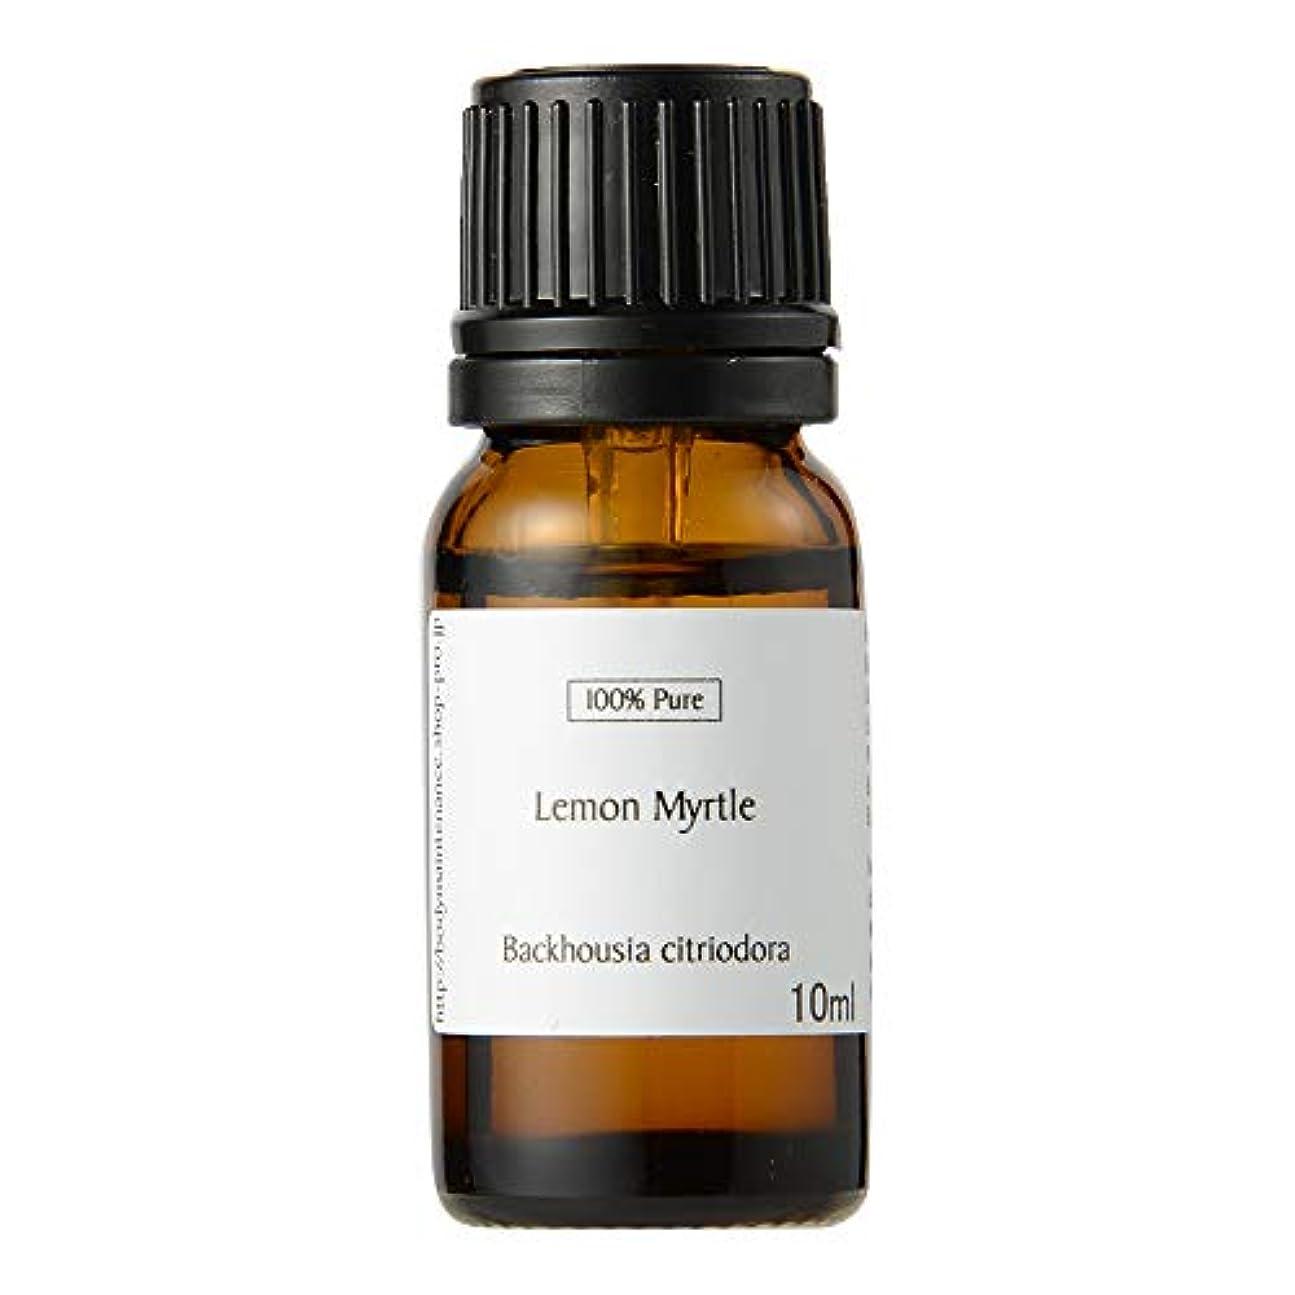 Lemon Myrtle Essential Oil 10ml Australia